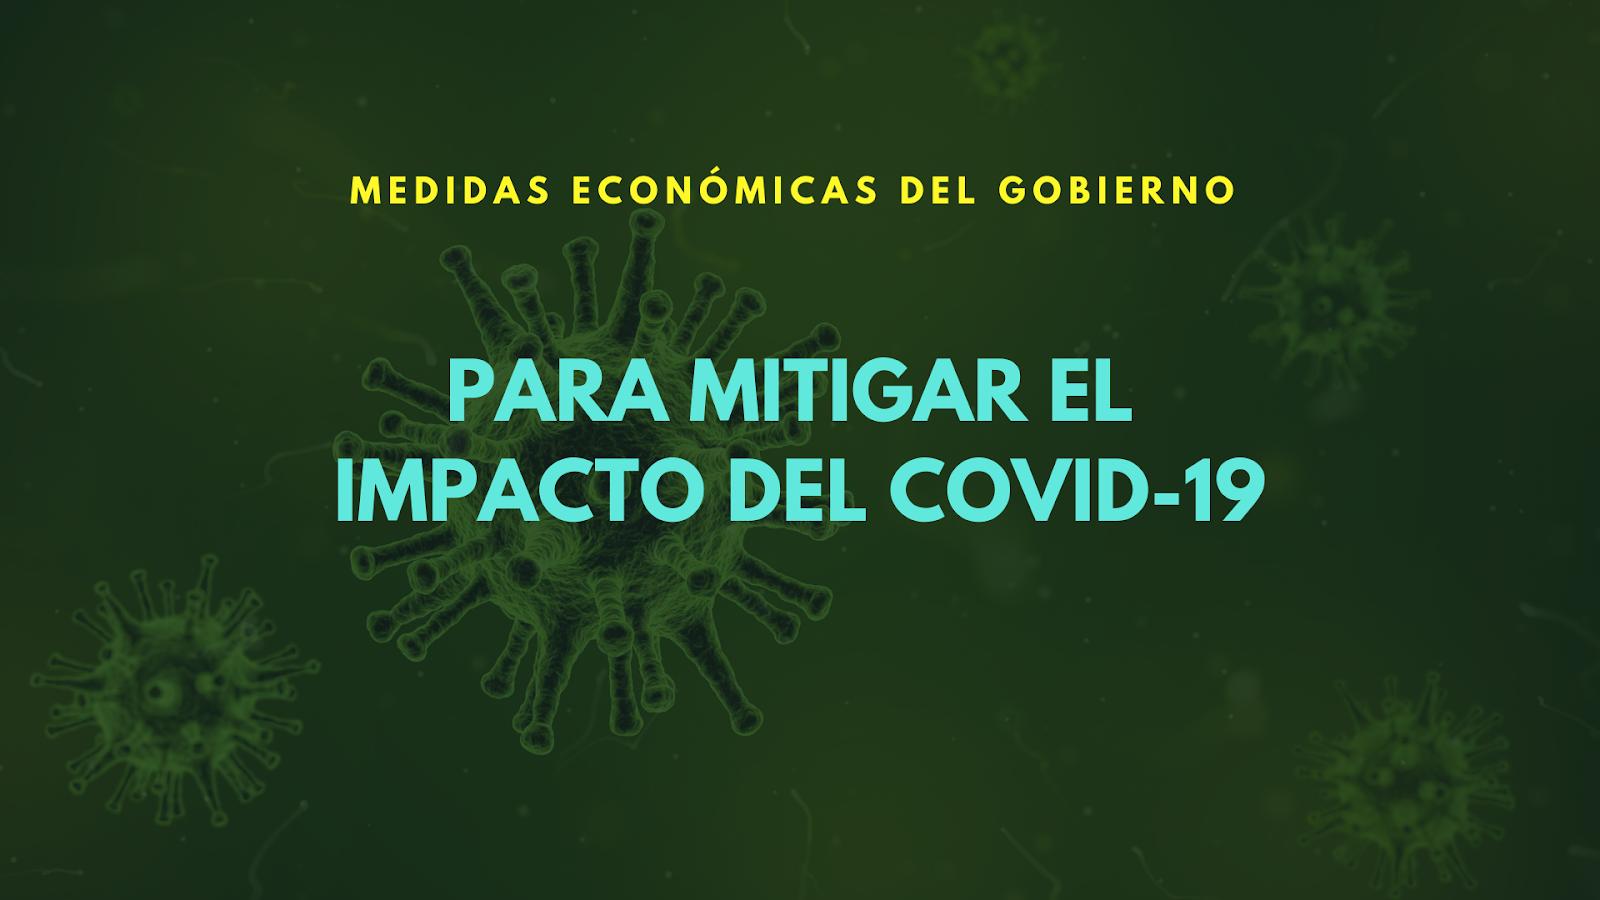 Las medidas económicas del Gobierno a debate con los economistas Jaime Caneiro y Simón López